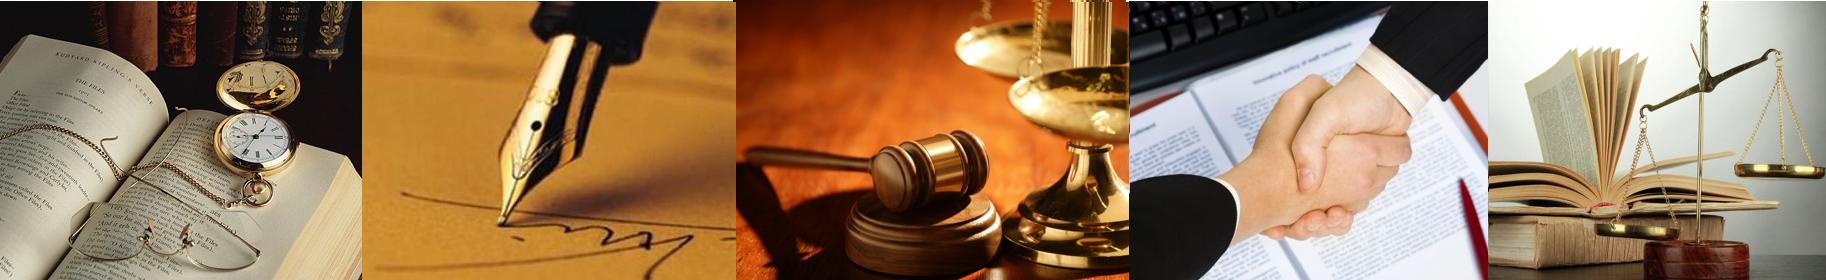 юридическая помощь во многих вопросах